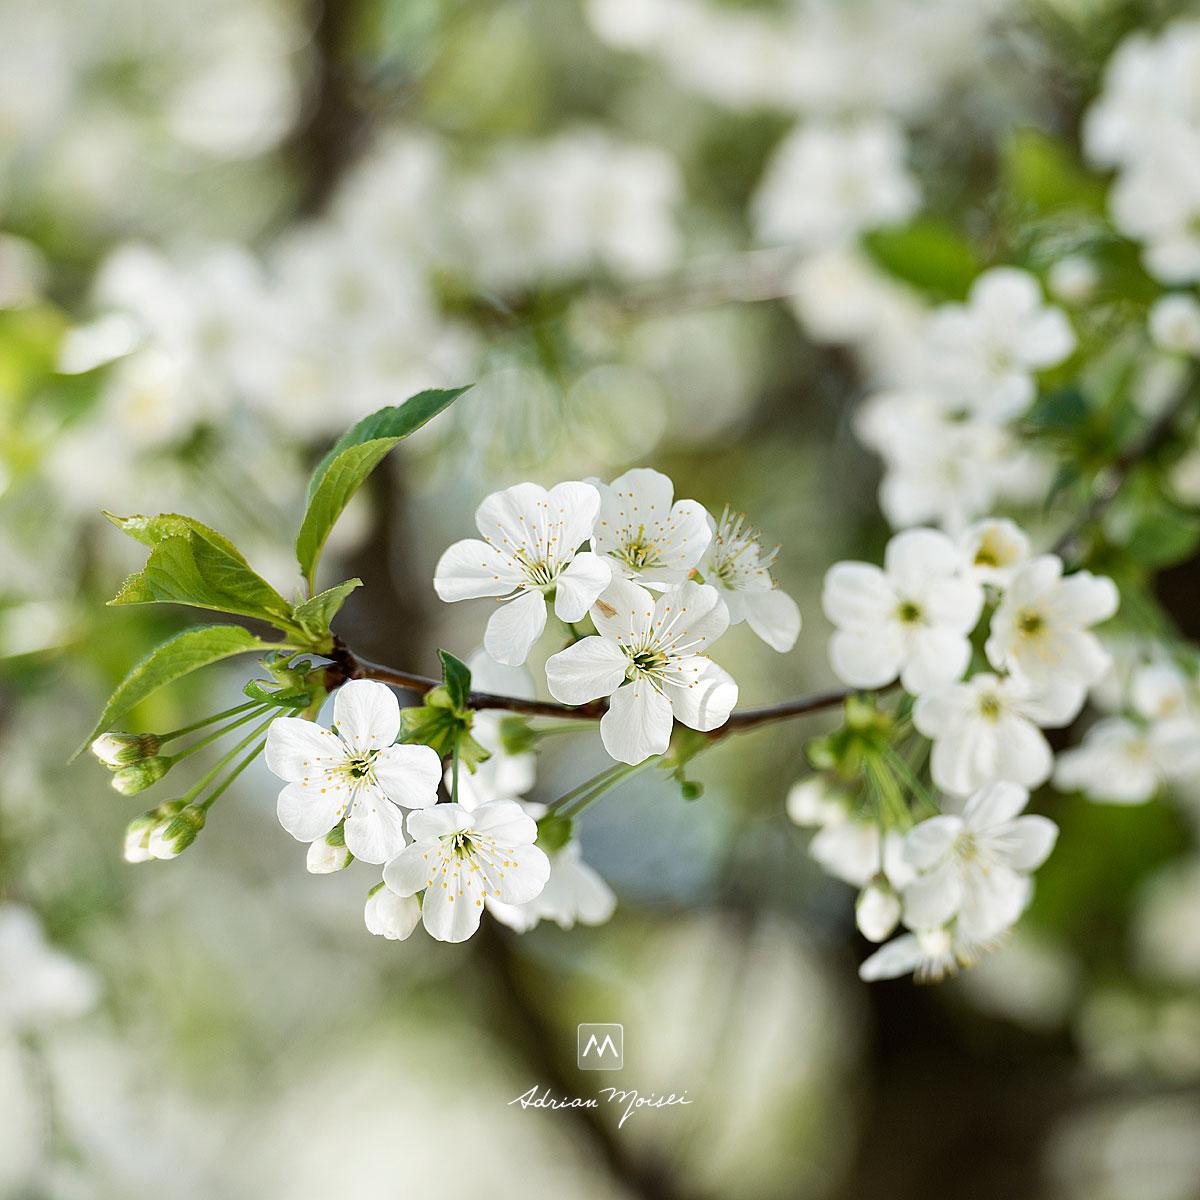 Fotografie cu flori de visin